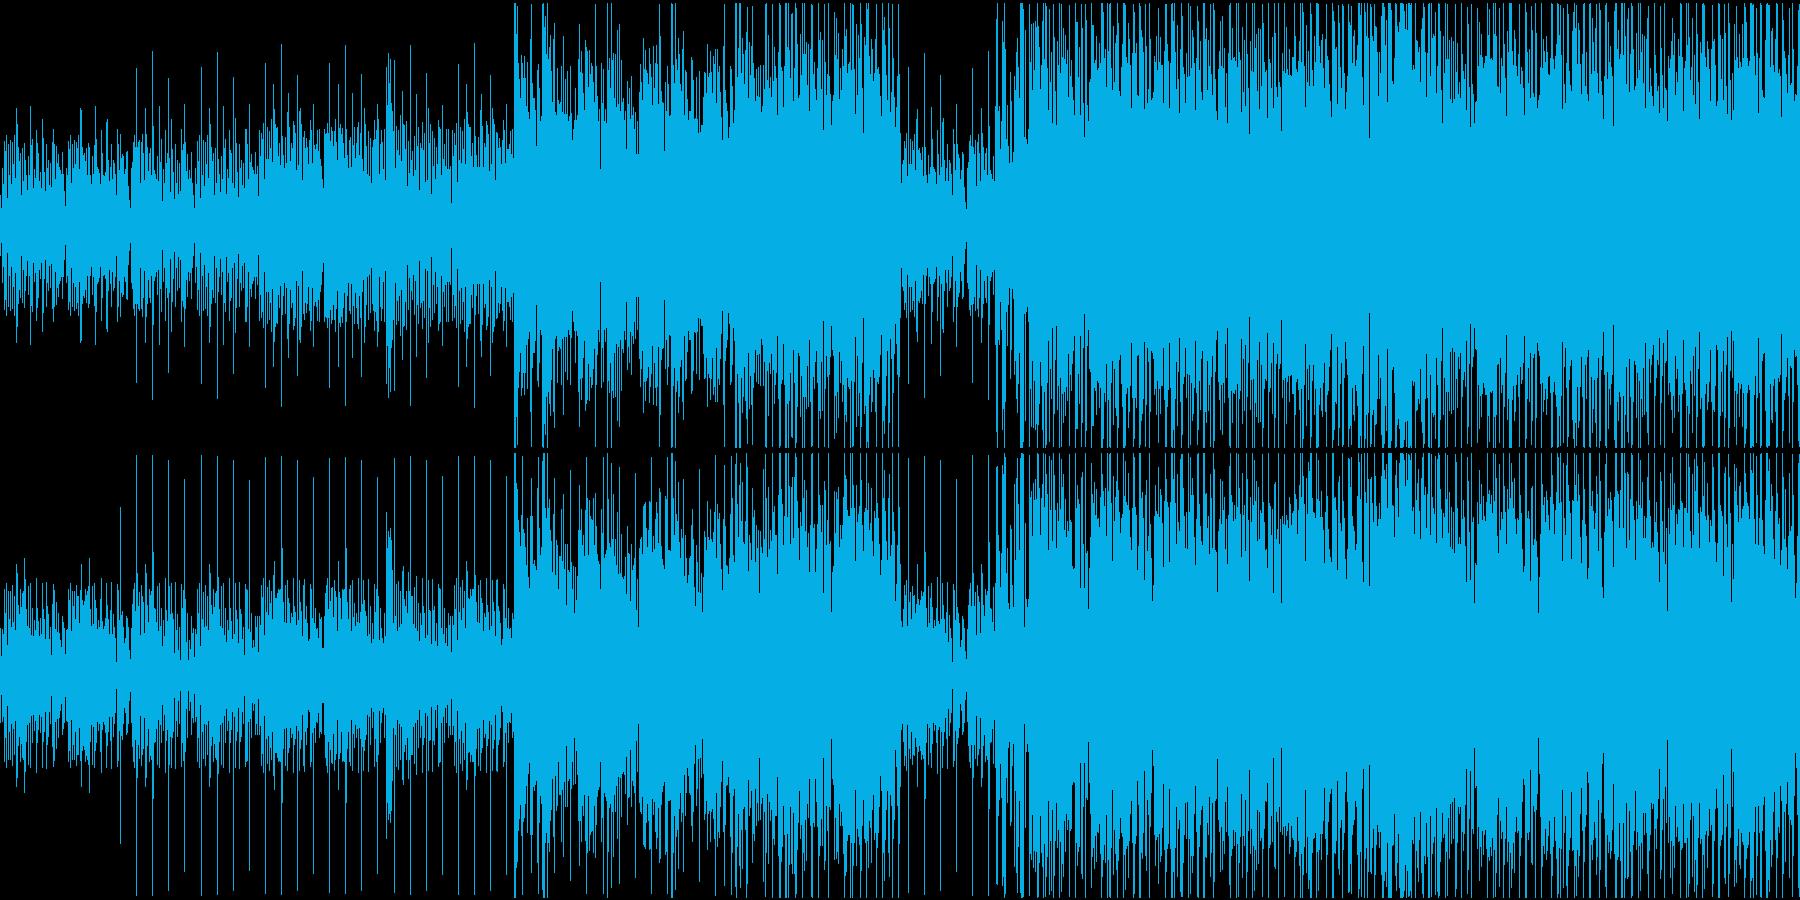 思考を巡らせているようなピアノ系インストの再生済みの波形